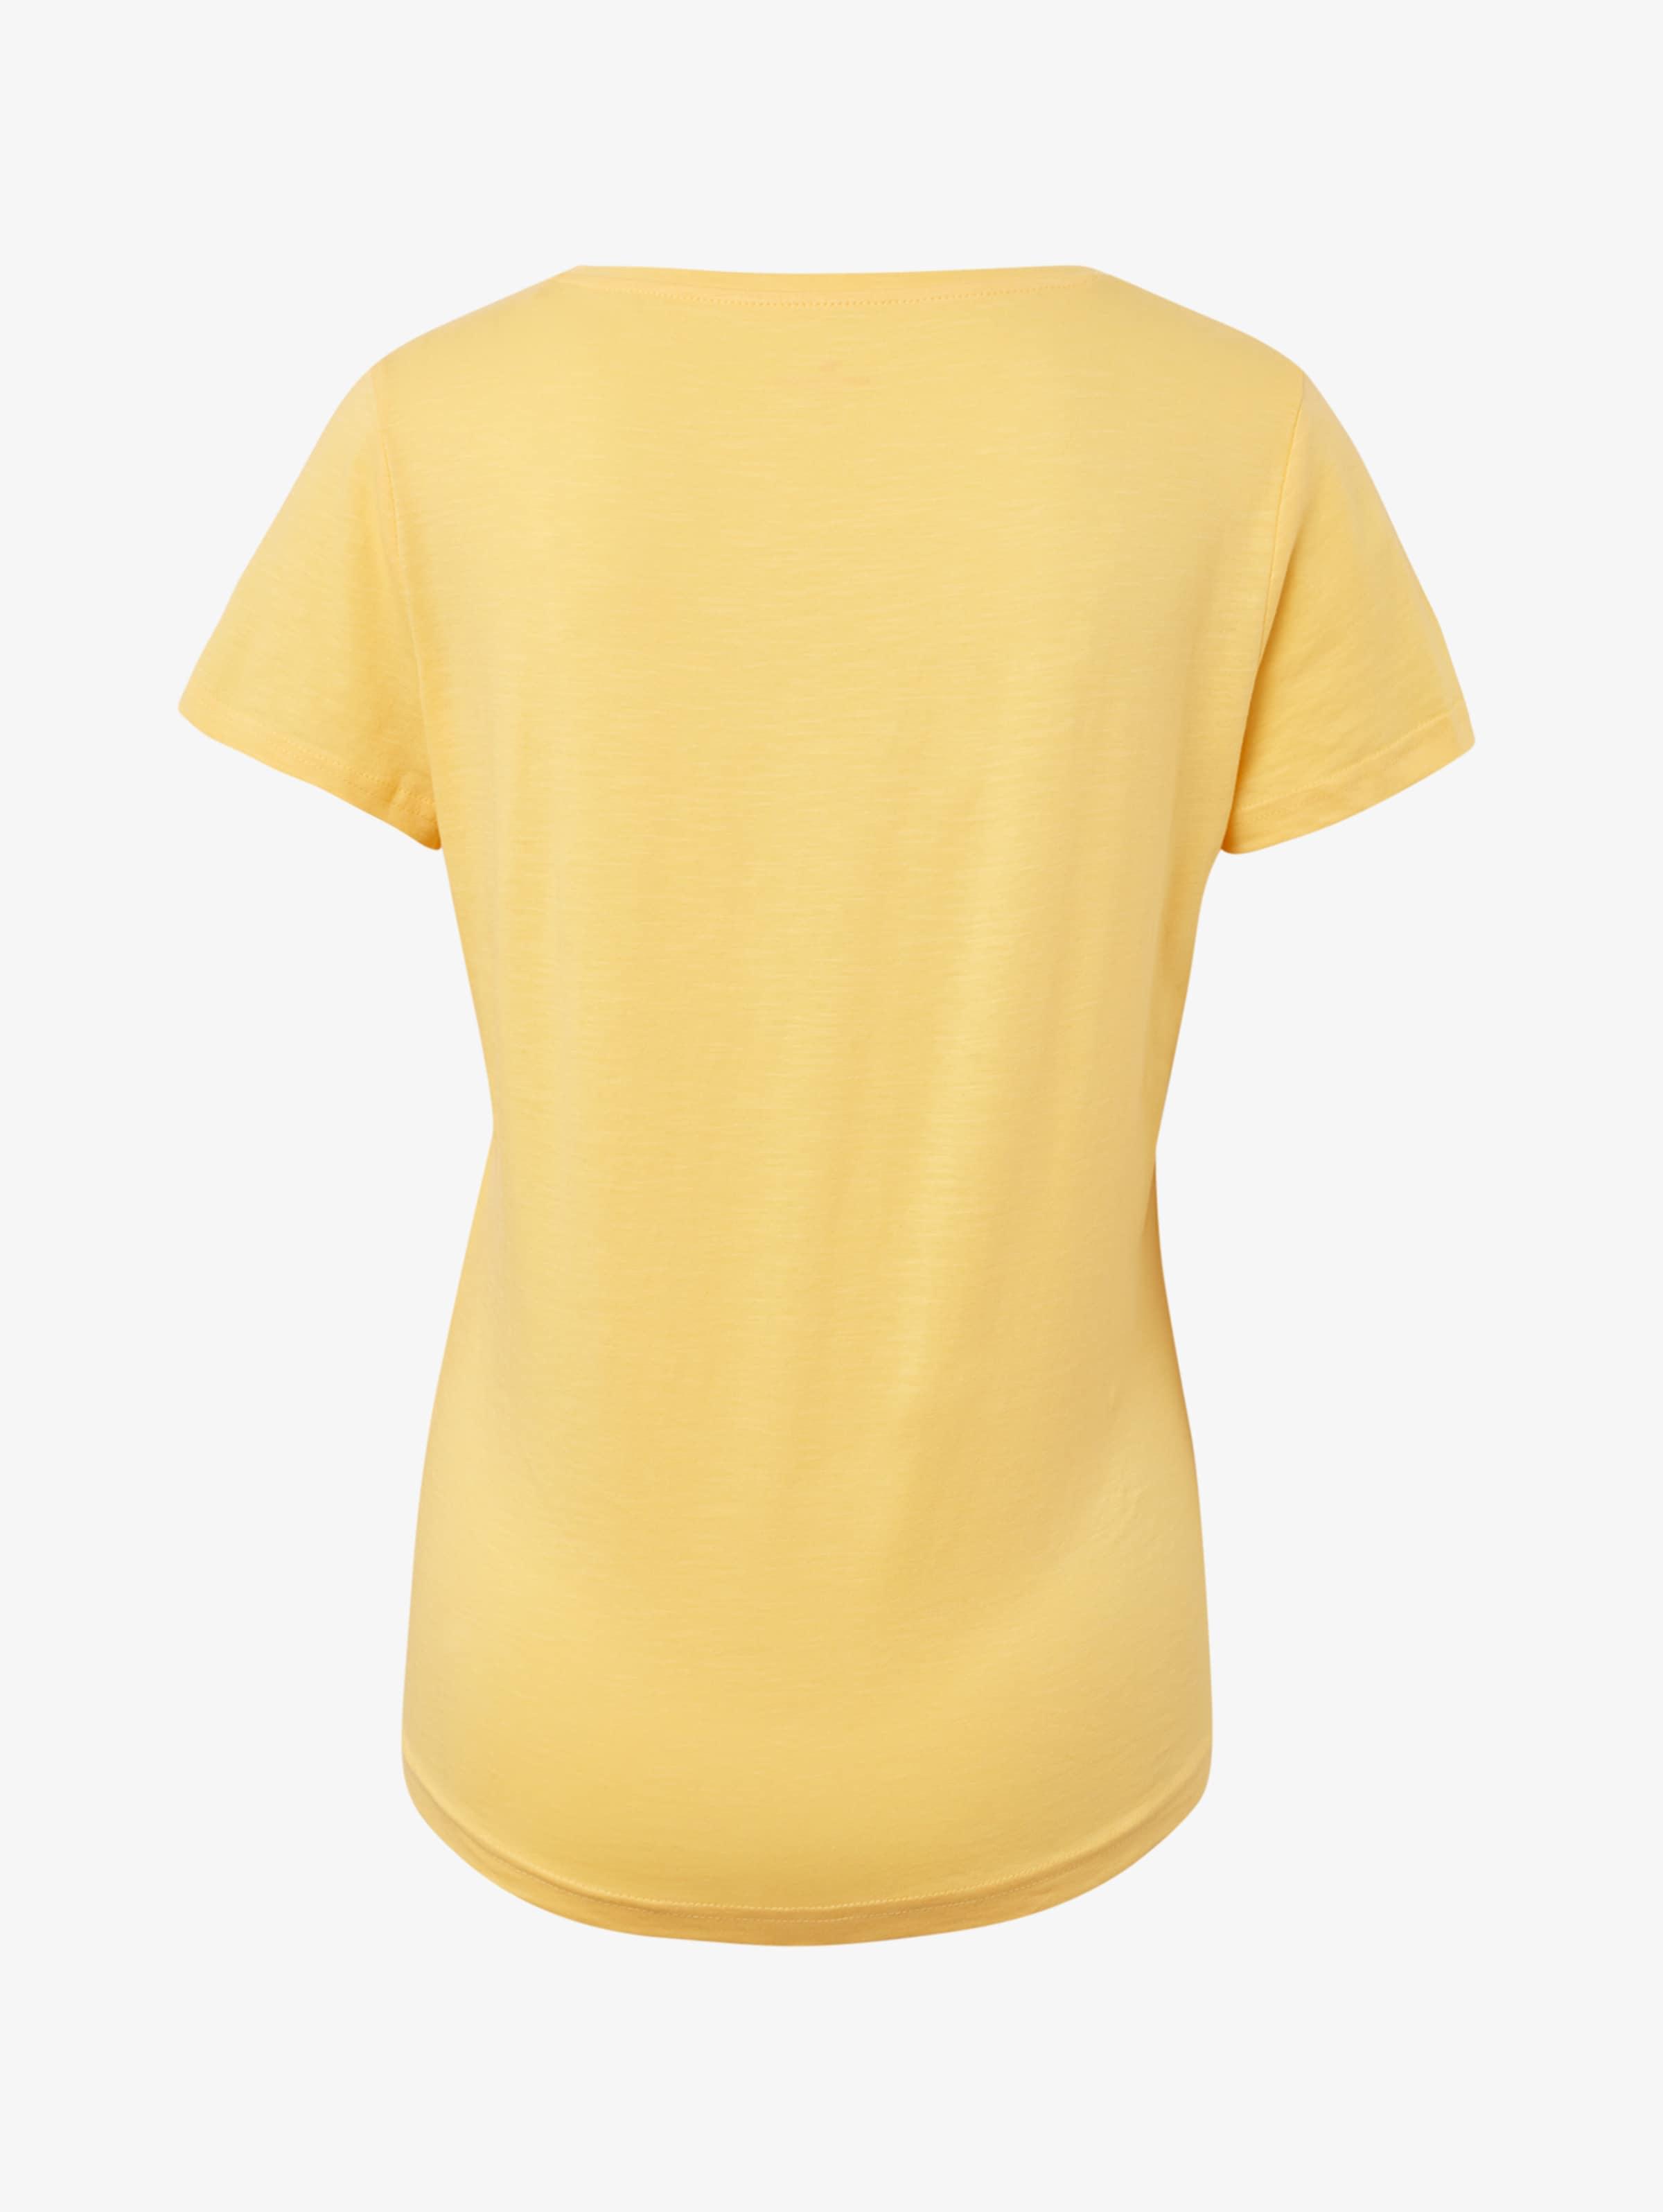 T shirt Tailor Tom In GelbMischfarben sQrdhCtx